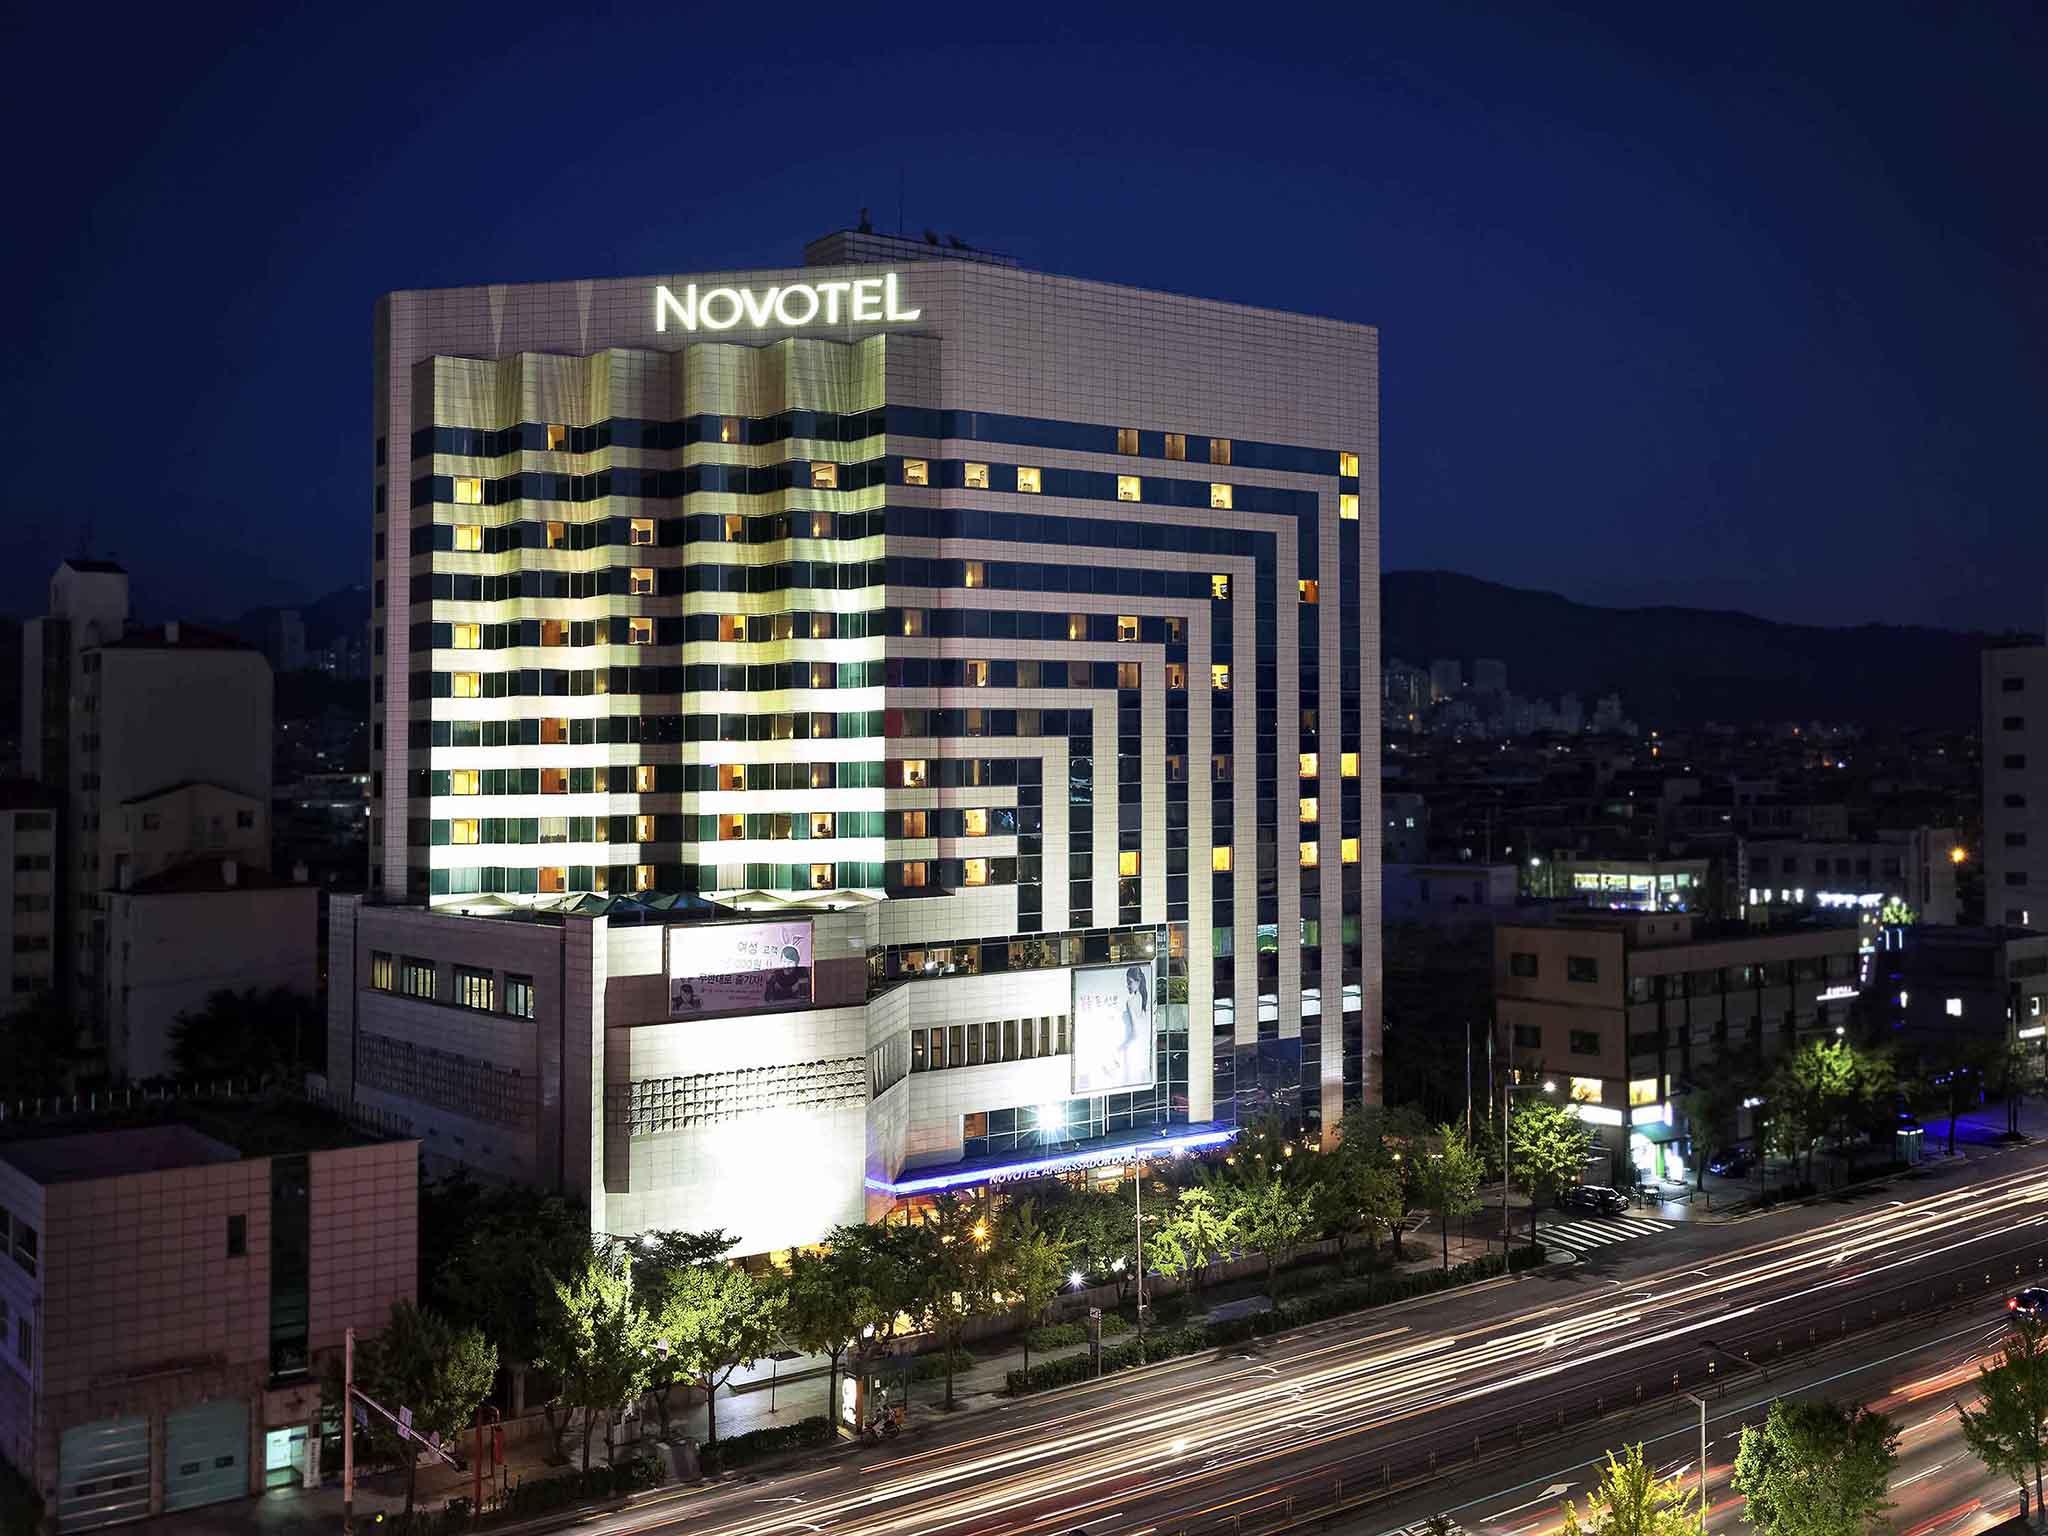 โรงแรม – โนโวเทล แอมบาสเดอร์ โซล ด๊อคซาน